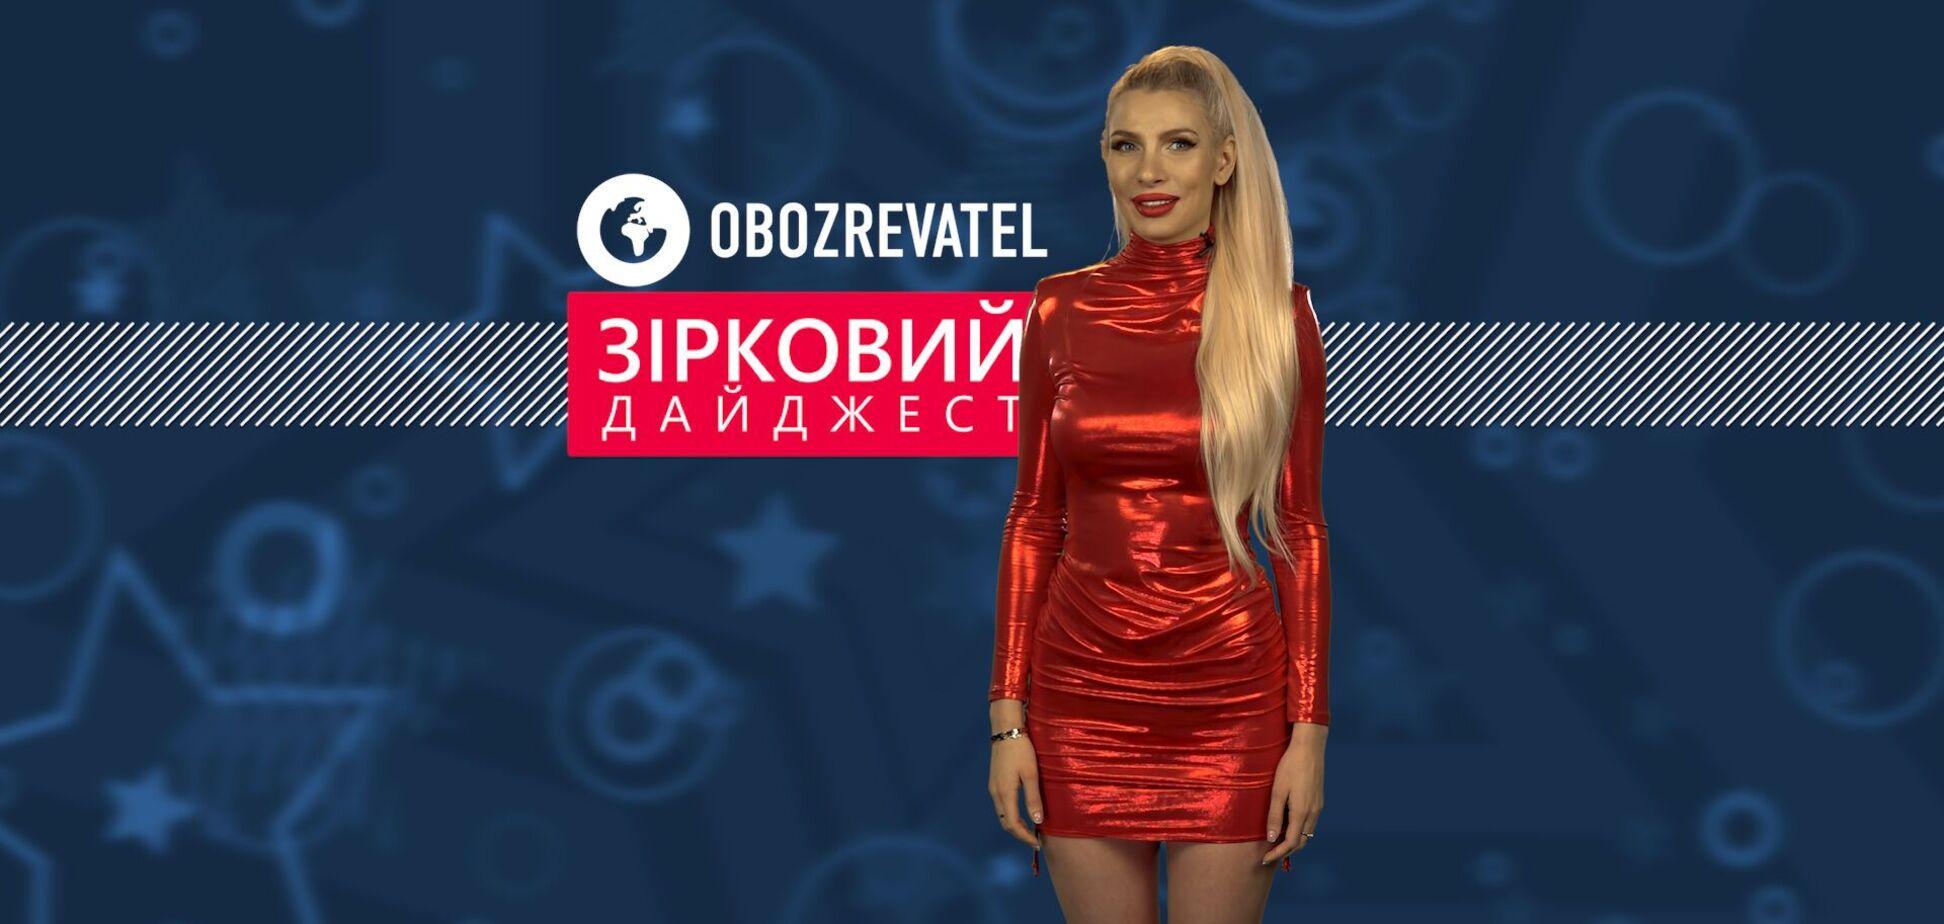 Звездный дайджест | №226 | с Надей Мироненко